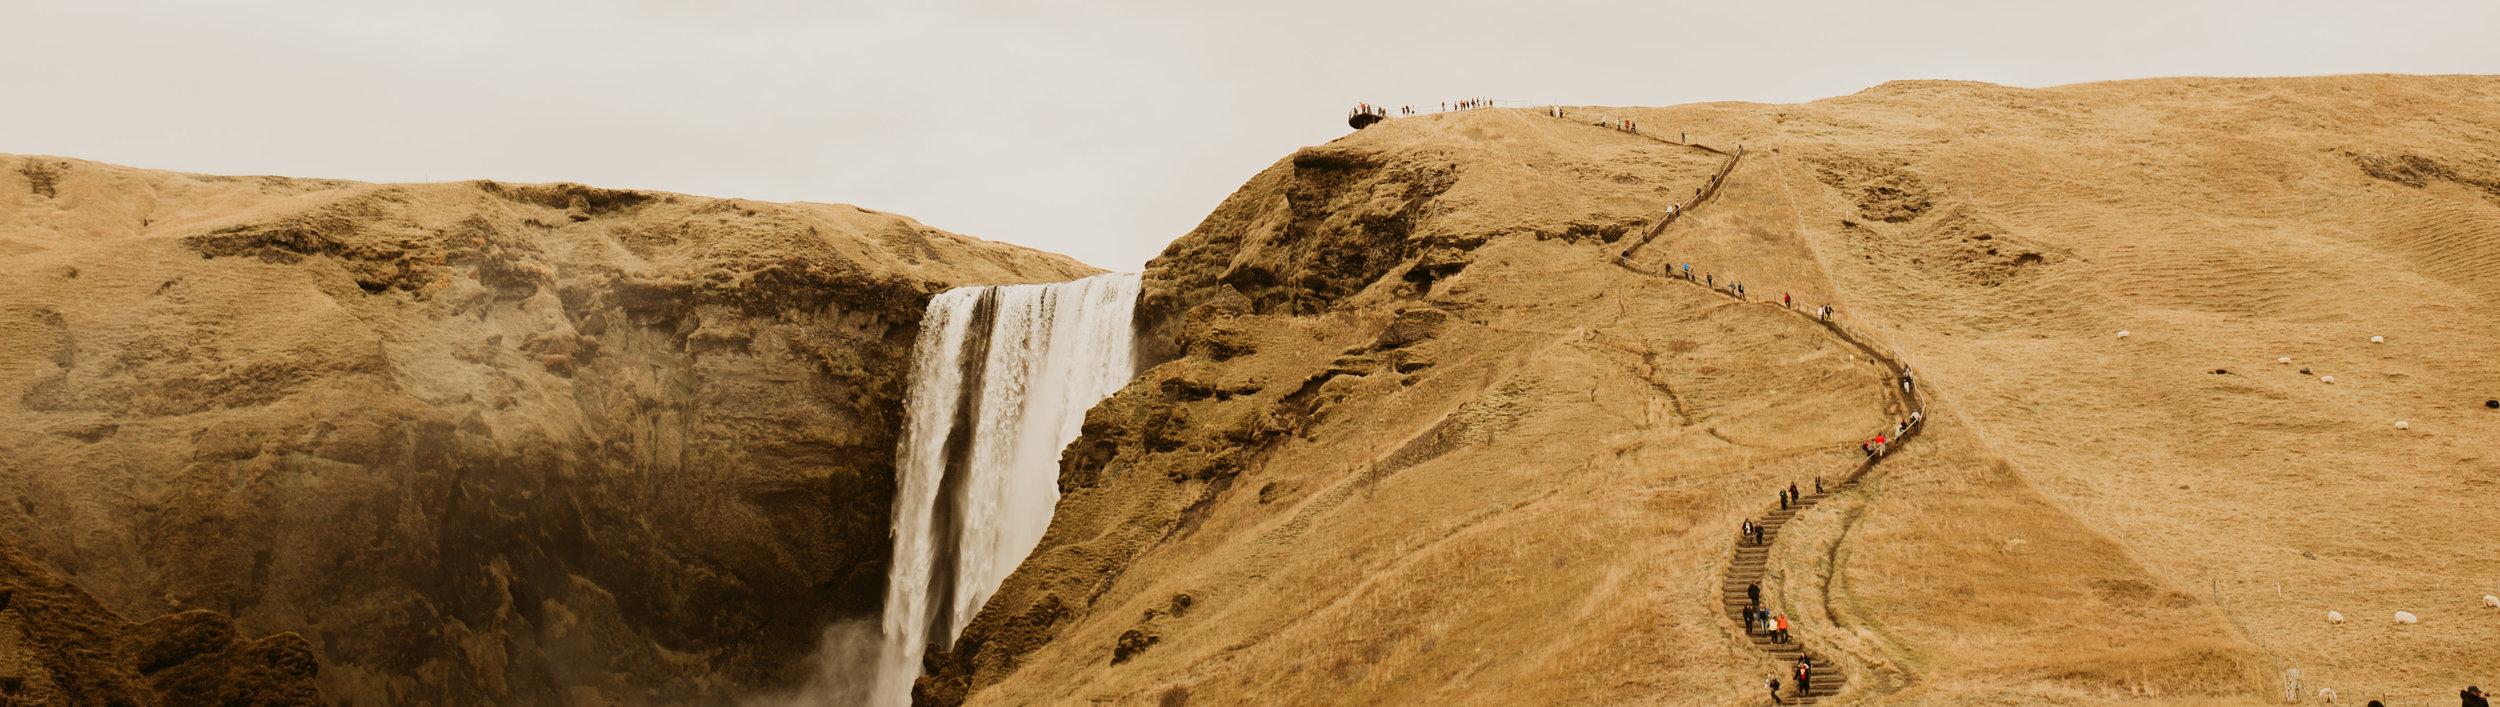 iceland-travel-tips-blog16.jpg